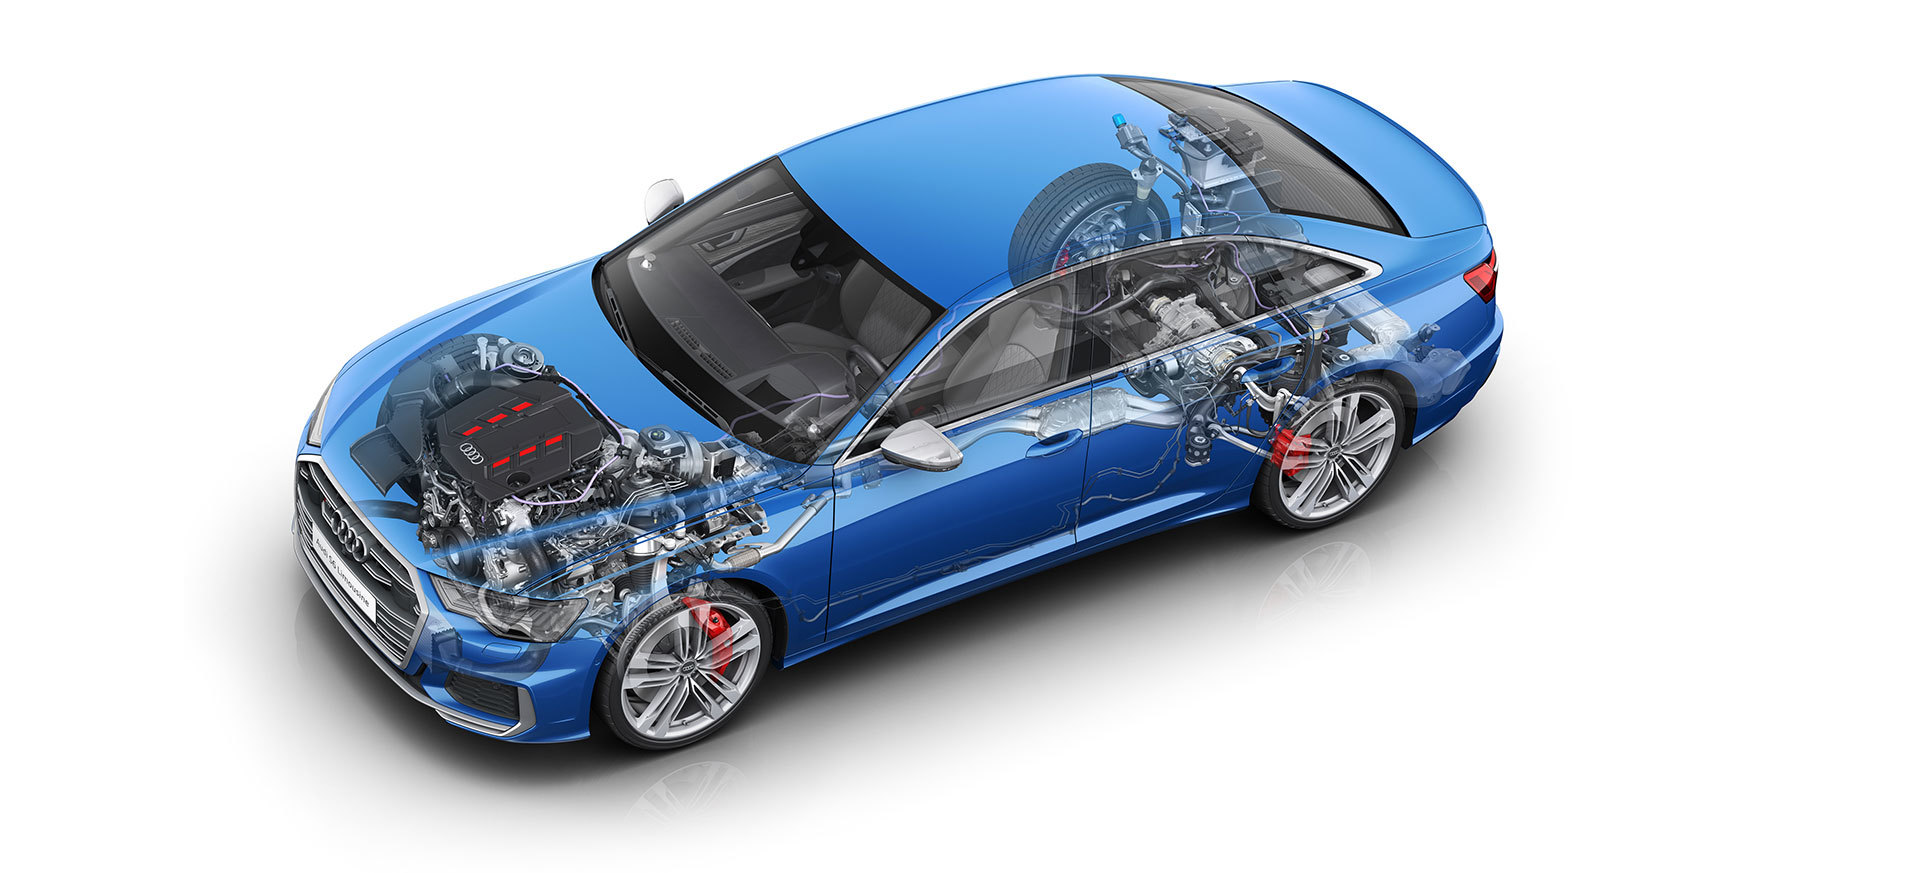 Deportivos Diesel Audi S6 Tdi